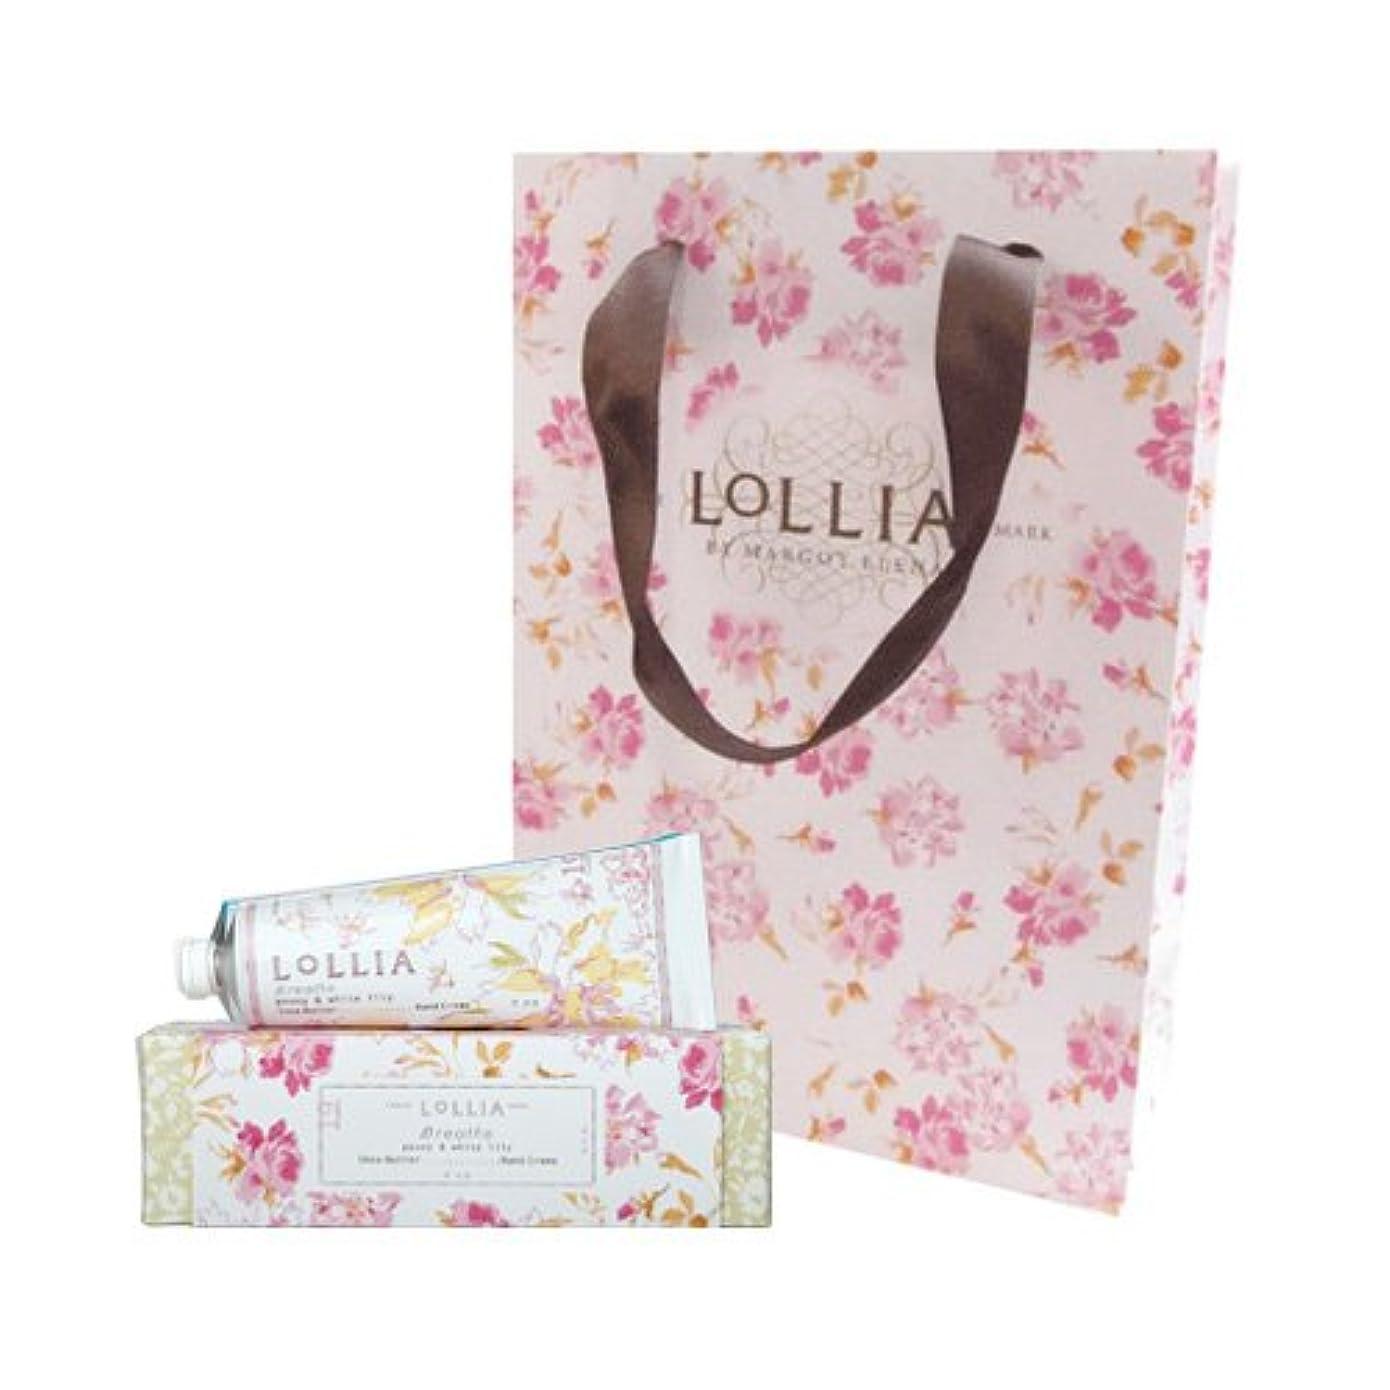 ノイズいたずら回転するロリア(LoLLIA) ハンドクリーム Breath 35g (ピオニーとホワイトリリーの甘くさわやかな香り) ショッパー付